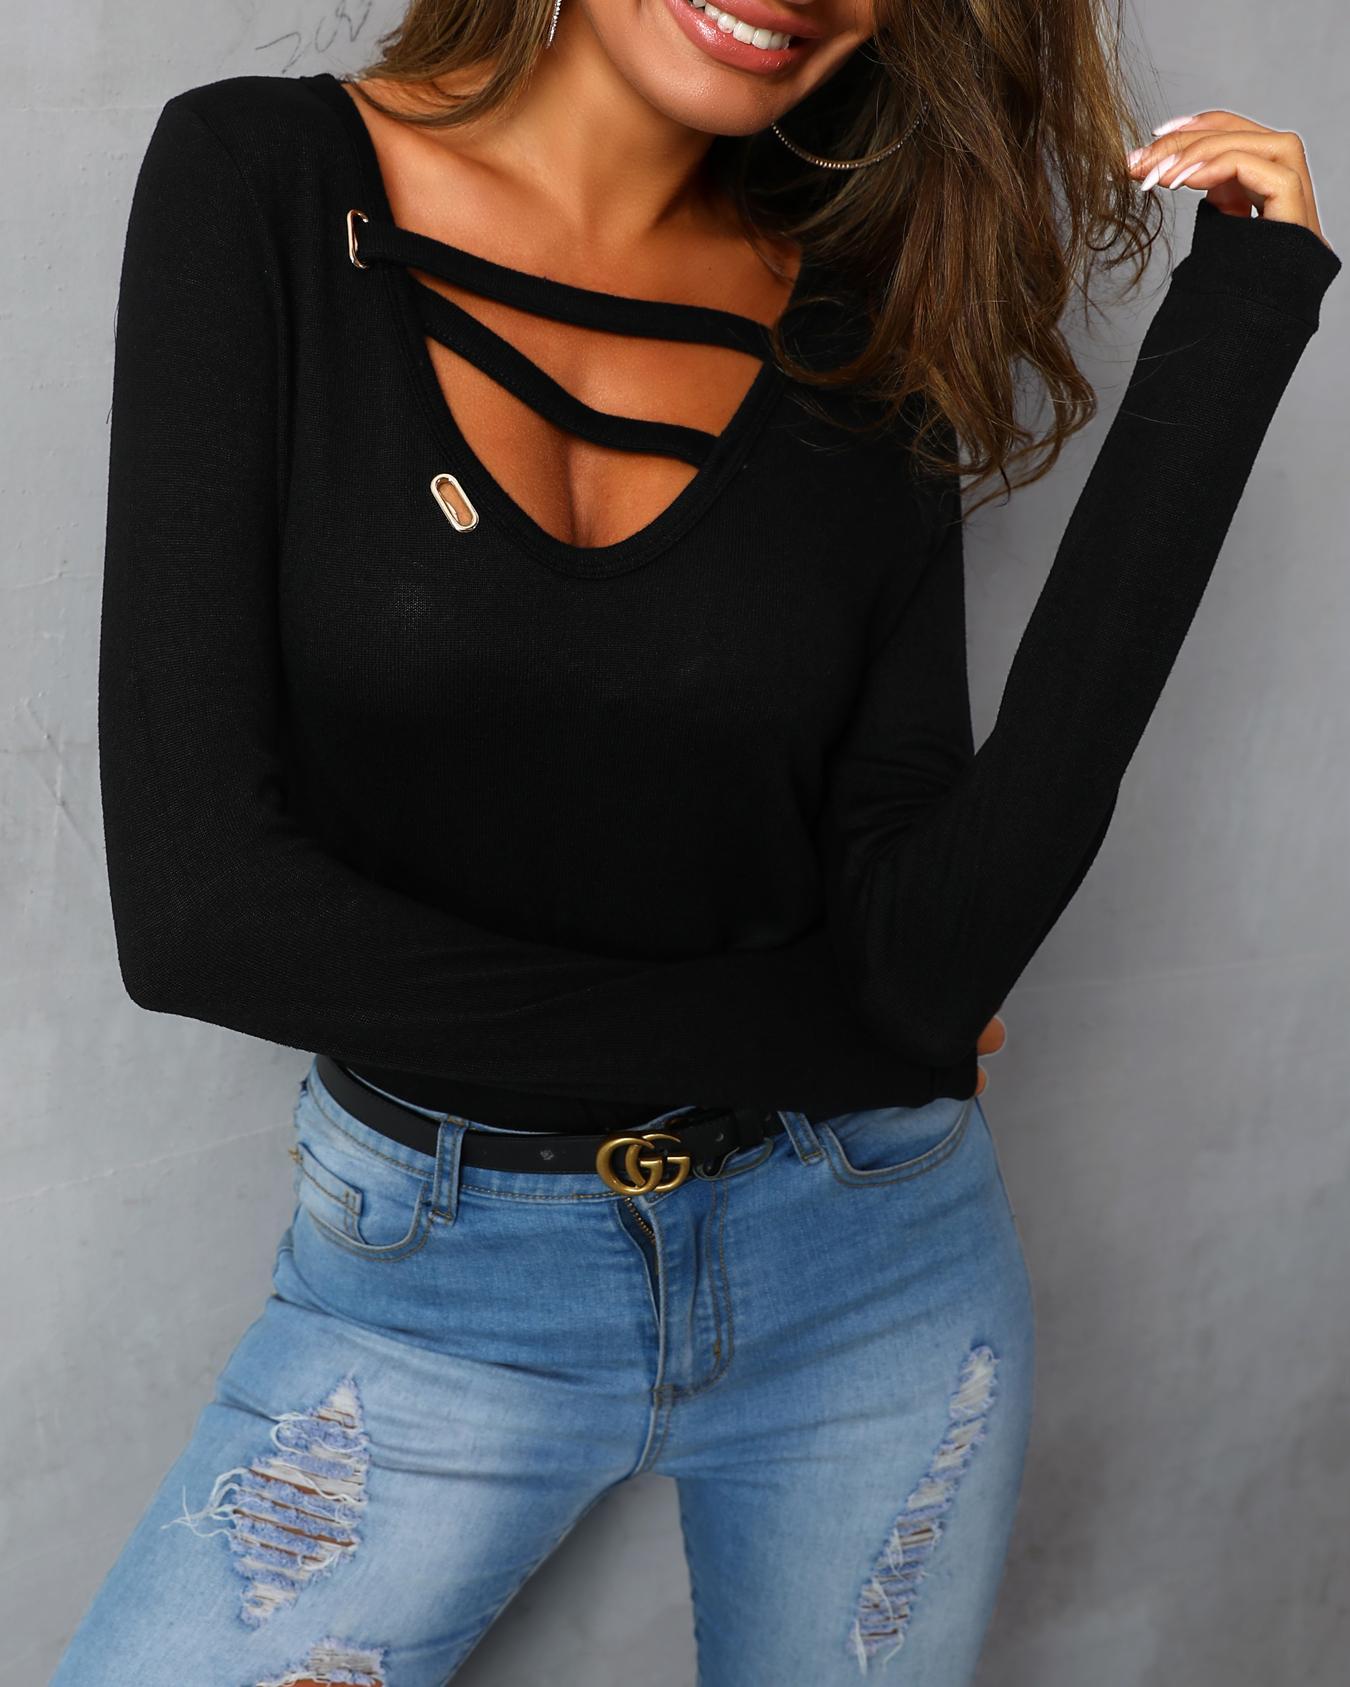 boutiquefeel / Camiseta casual de manga larga con corte